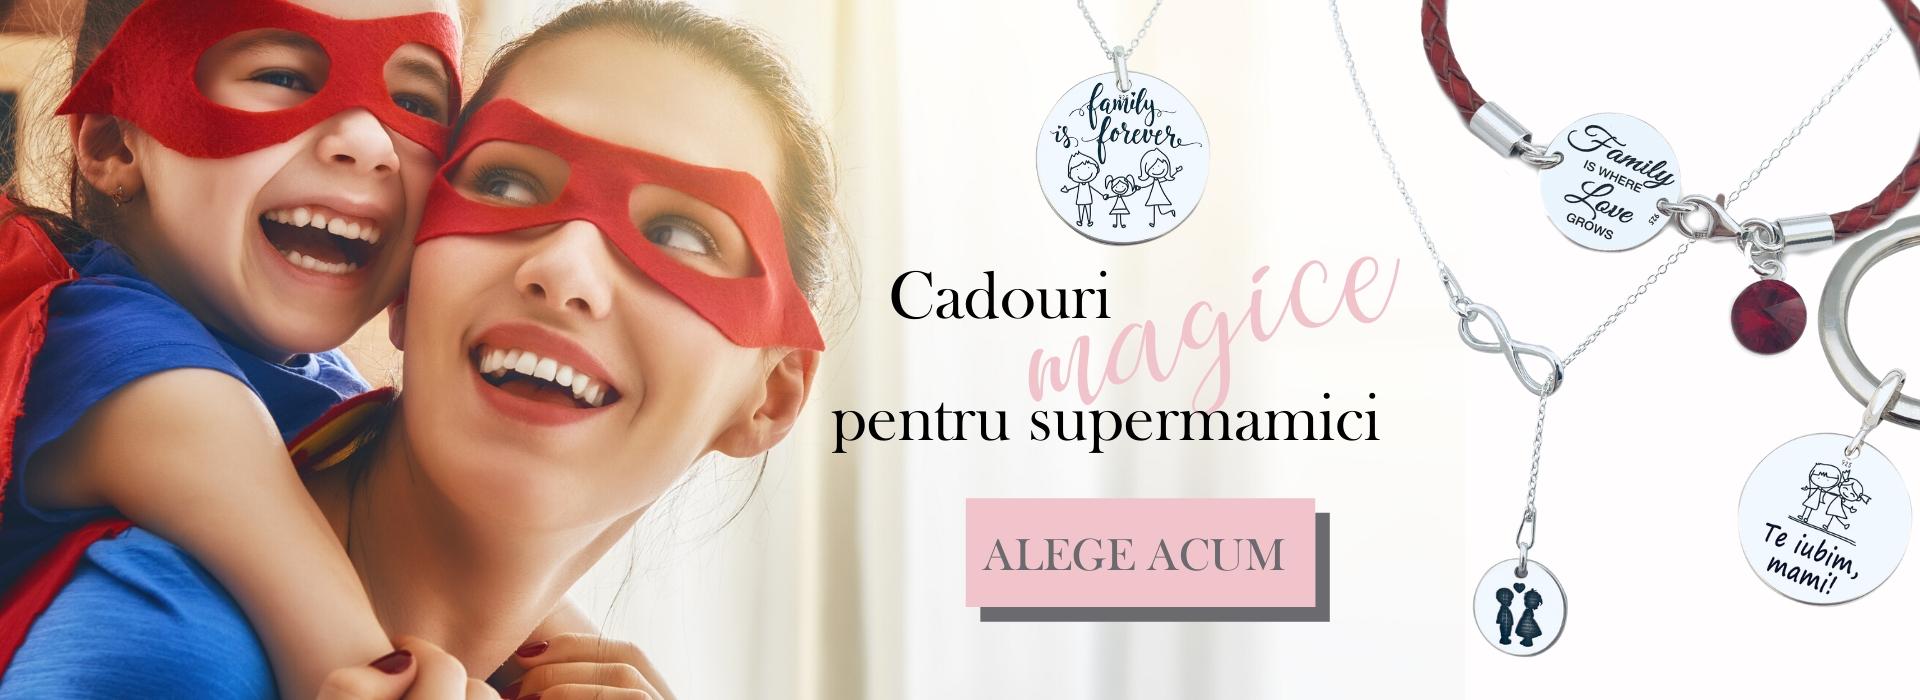 CADOURI MAGICE PENTRU EA